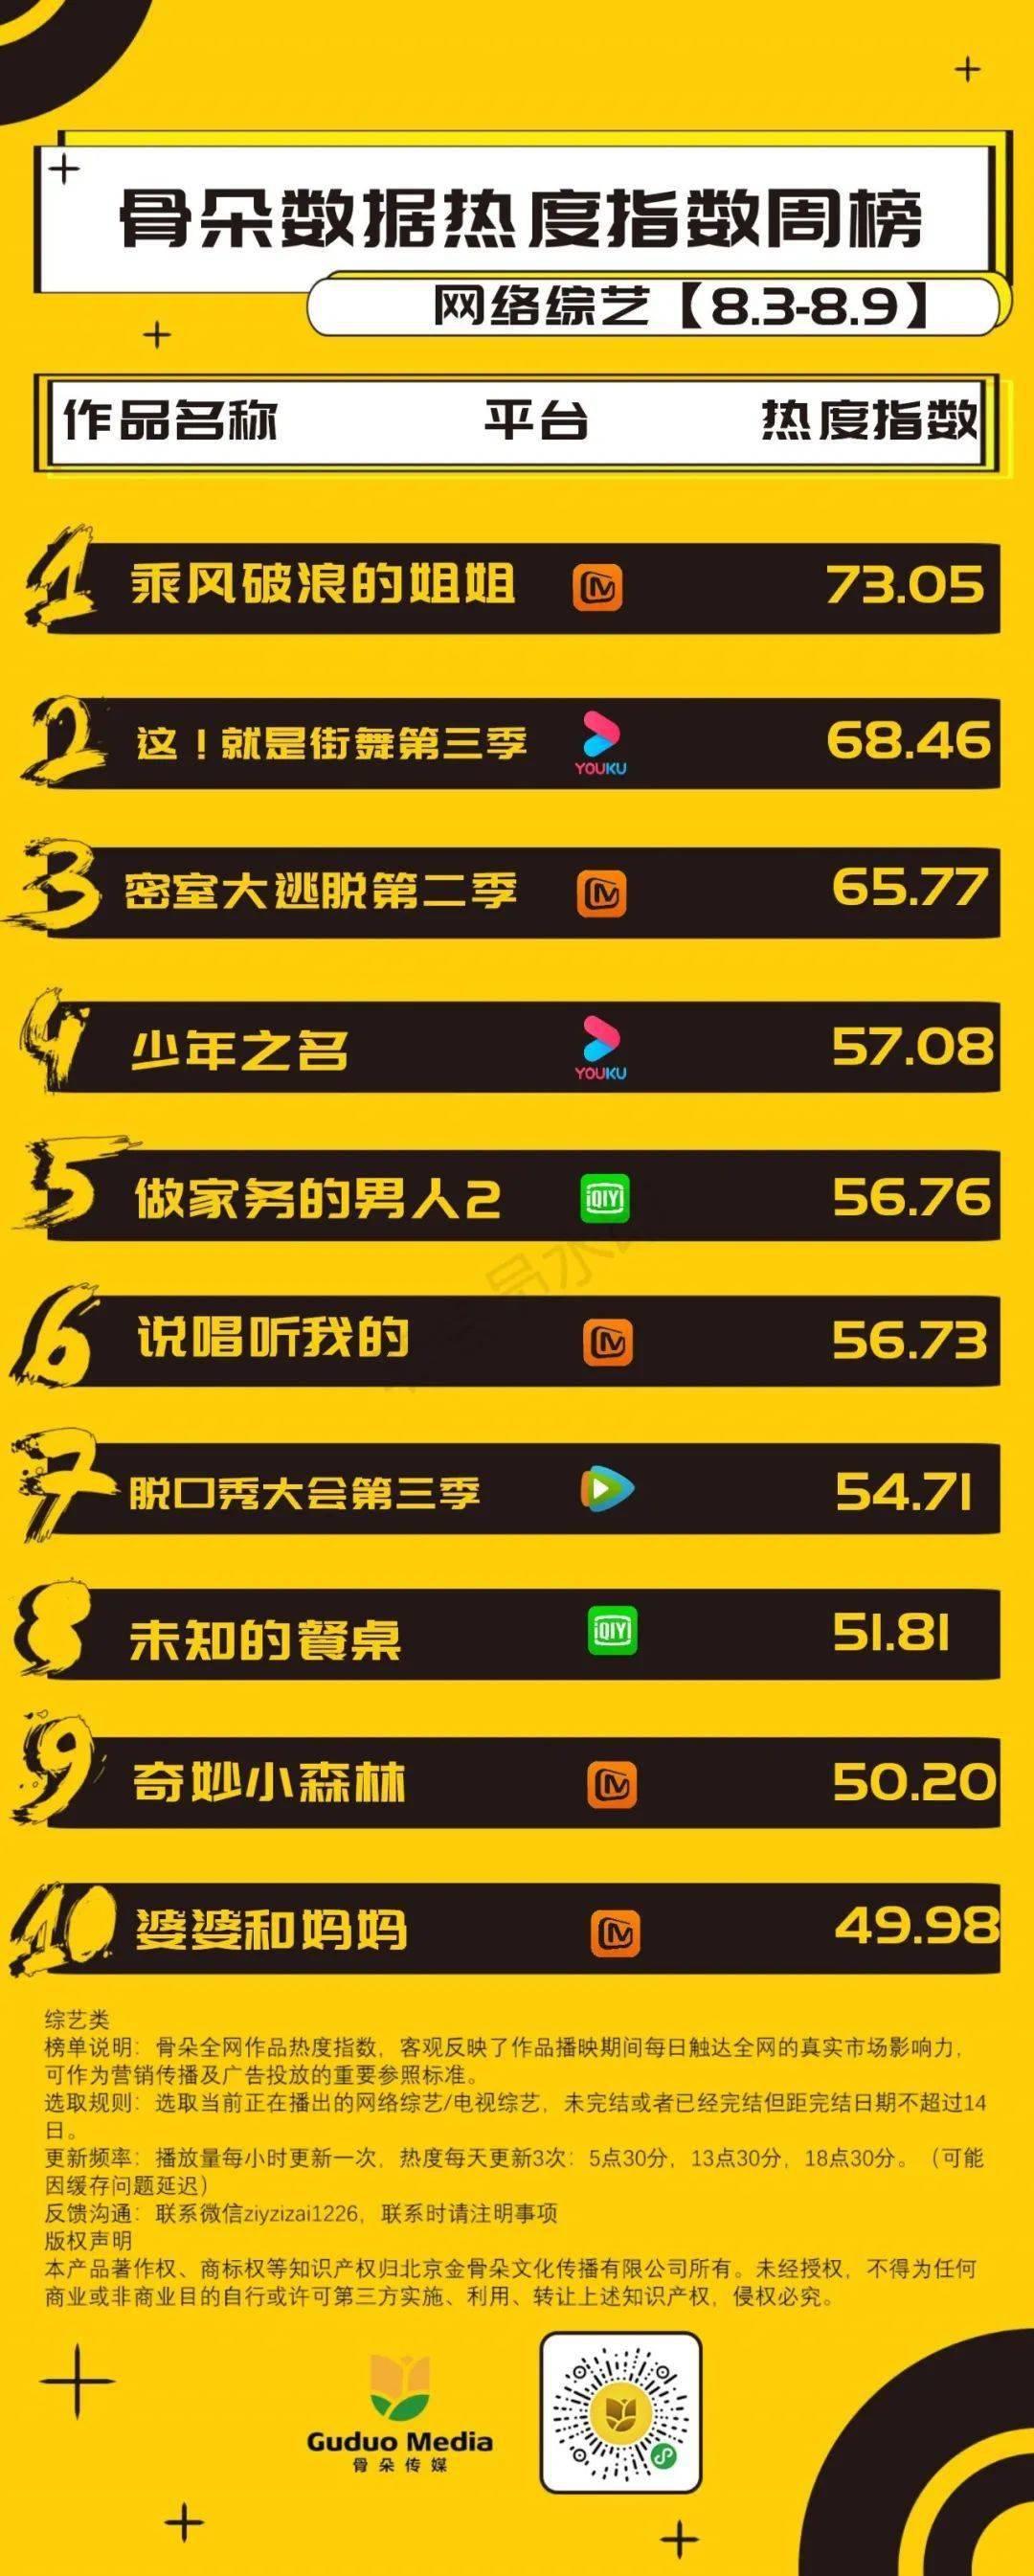 网综周榜丨《乘风破浪的姐姐》持续霸榜,《这!就是街舞3》位居第二